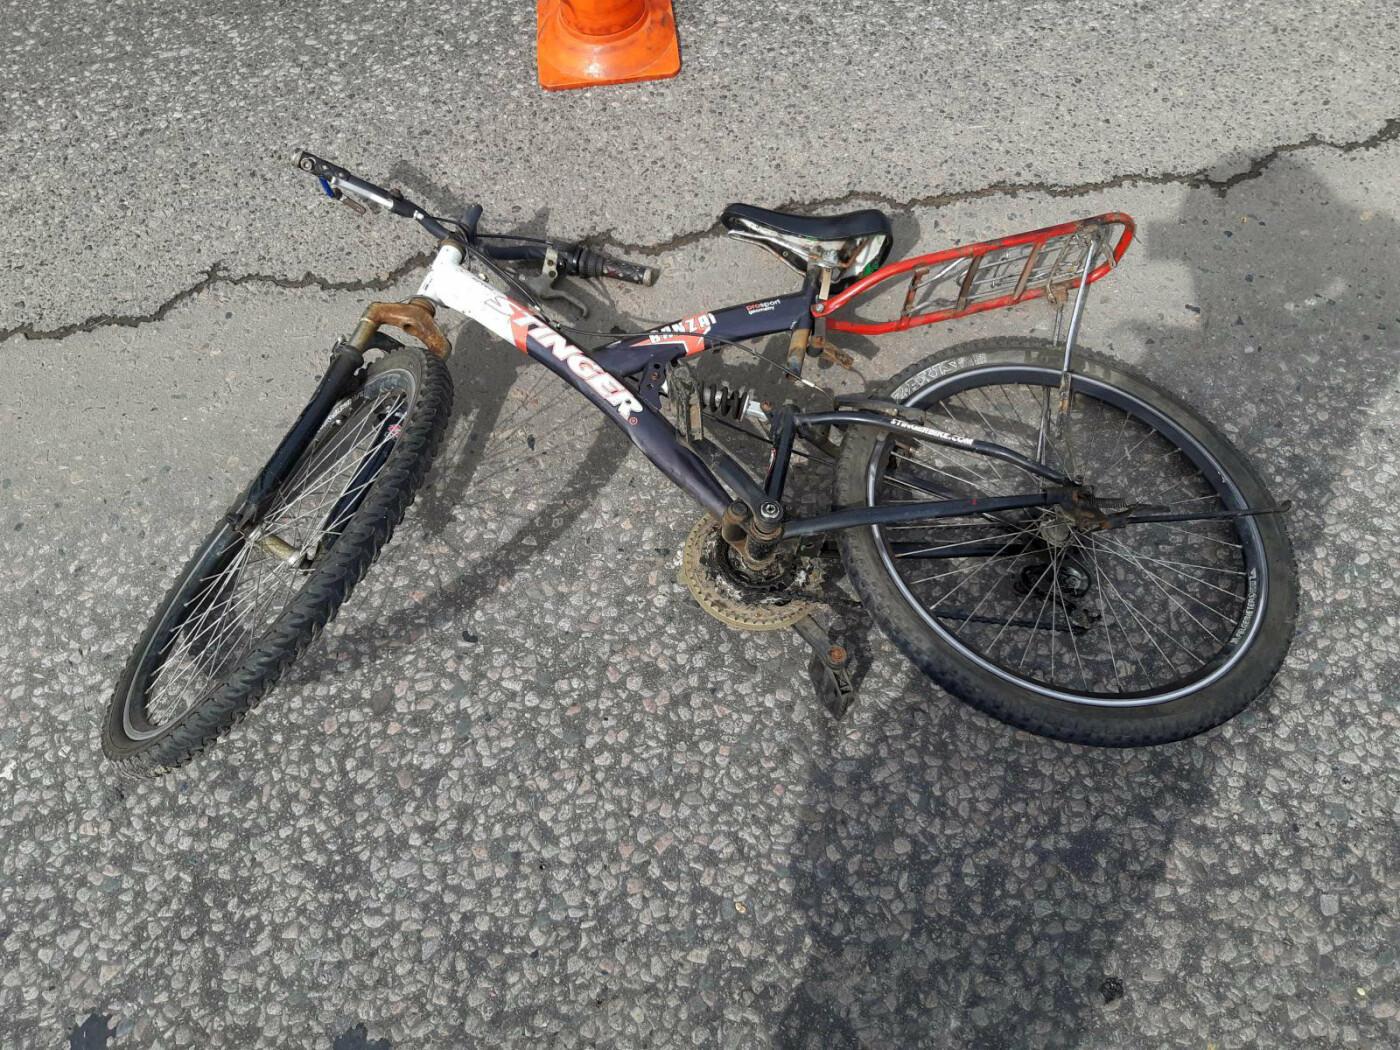 Под Тамбовом таксист насмерть сбил пожилого велосипедиста. ВИДЕО, фото-1